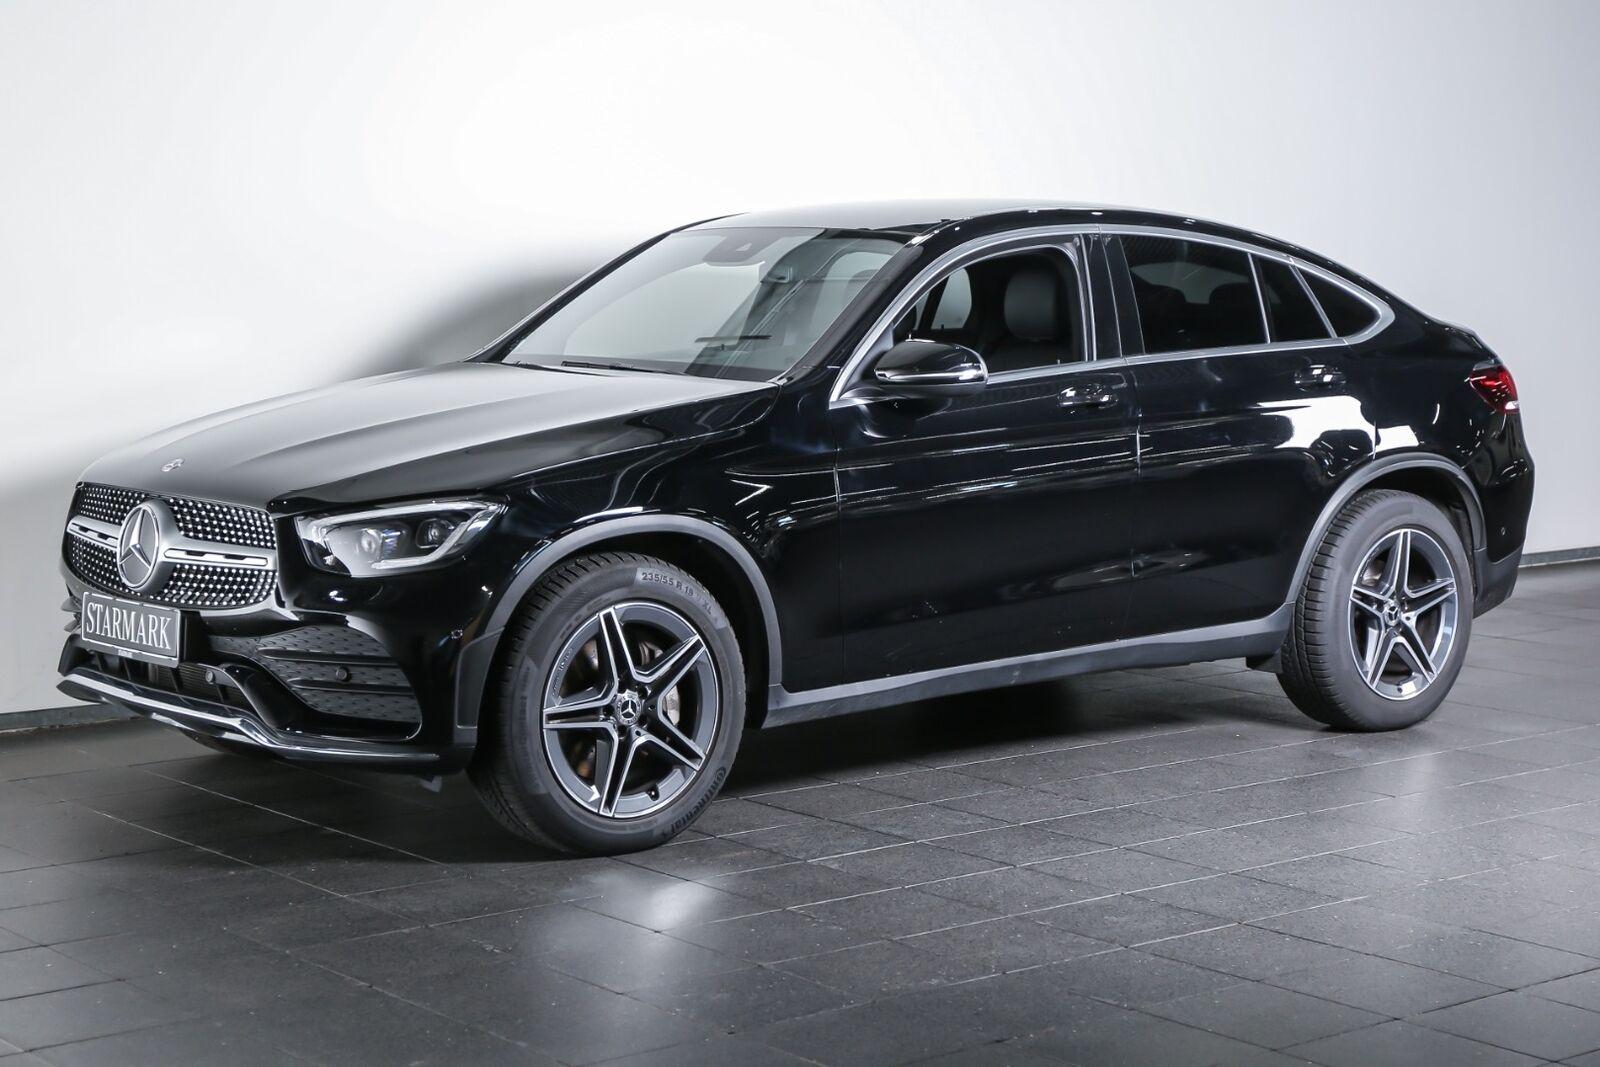 Mercedes GLC300 d 2,0 AMG Line Coupé aut. 4-M 5d - 799.900 kr.